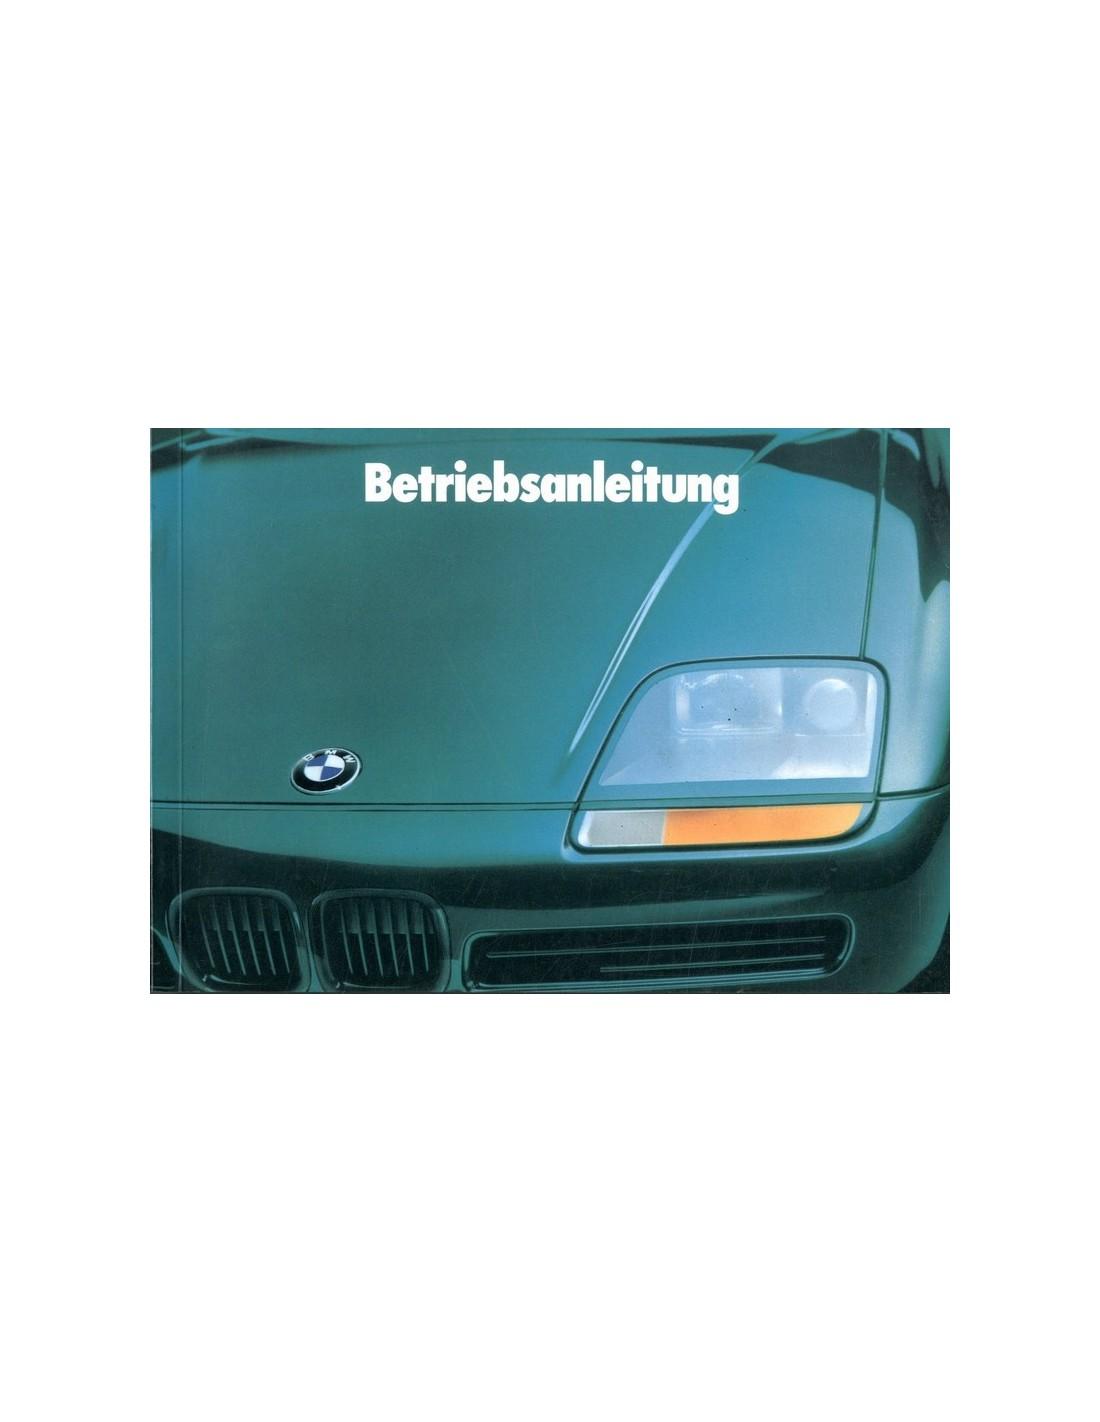 1989 bmw z1 owner 39 s manual german. Black Bedroom Furniture Sets. Home Design Ideas